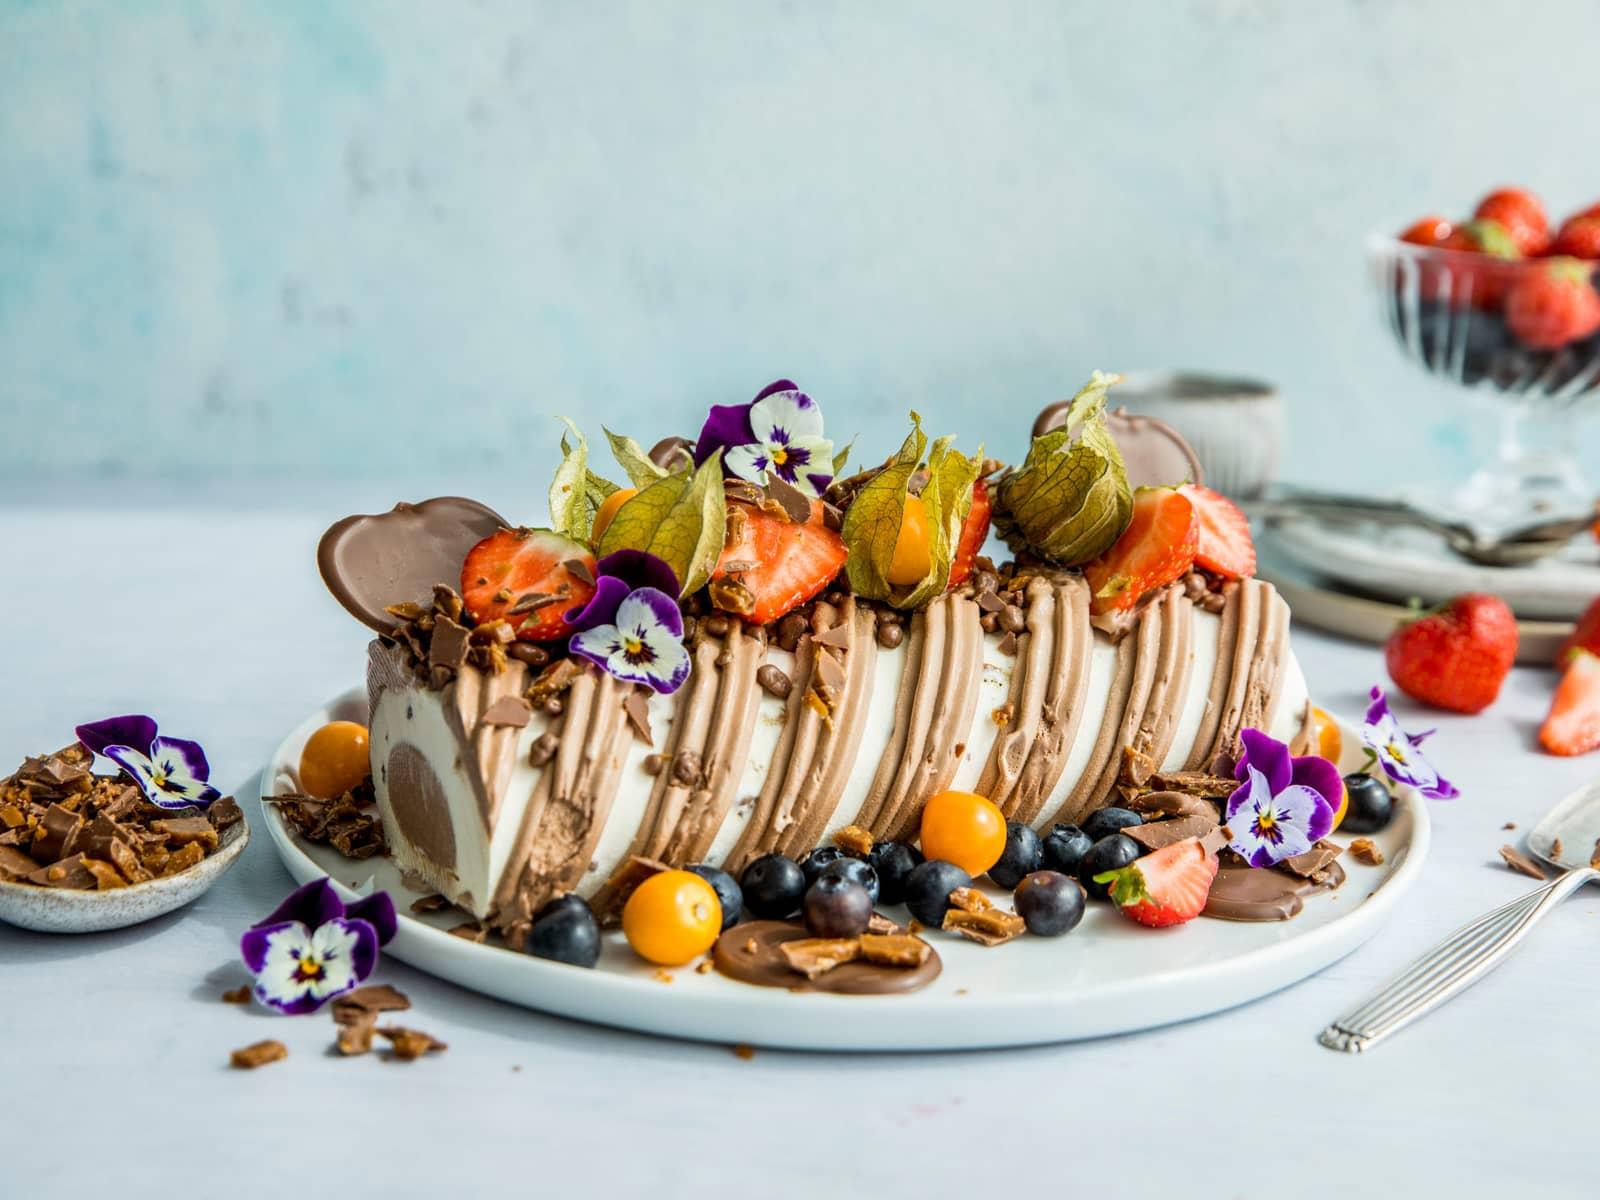 Enkel iskake med sjokolade og bær